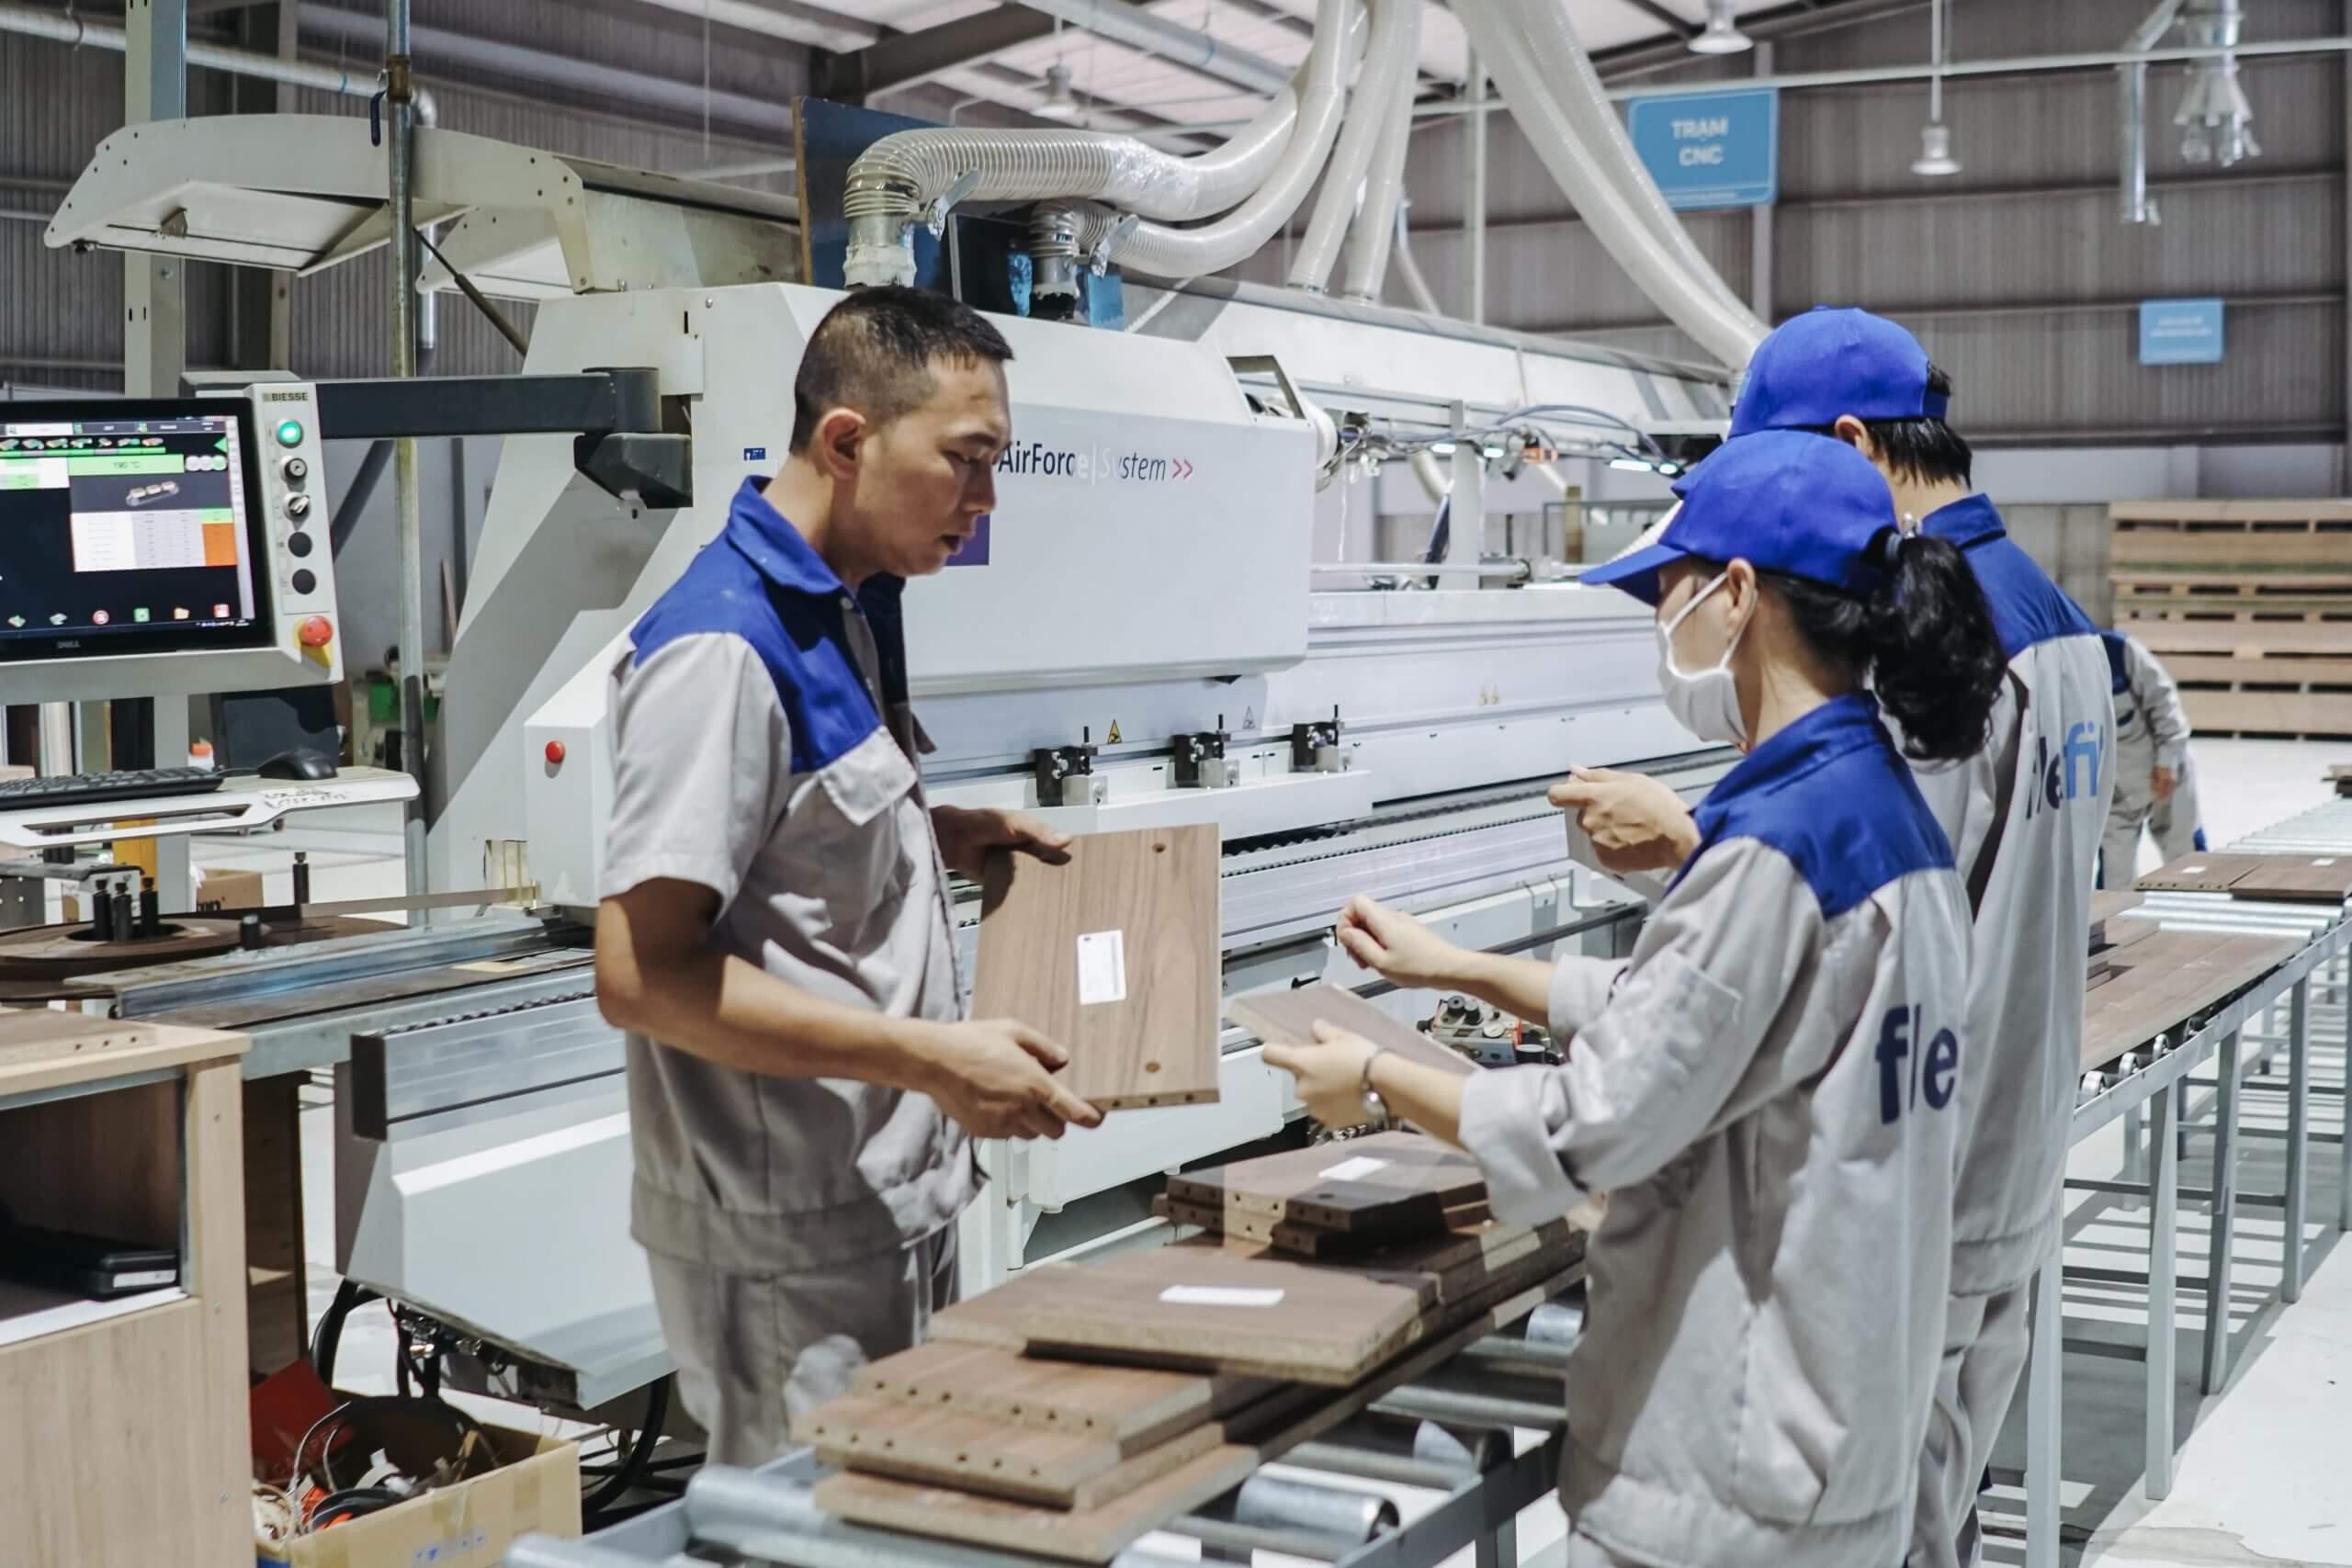 Flexfit có 3 nhà máy được đầu tư máy móc hiện đại cùng đội ngũ nhân sự có chuyên môn tốt